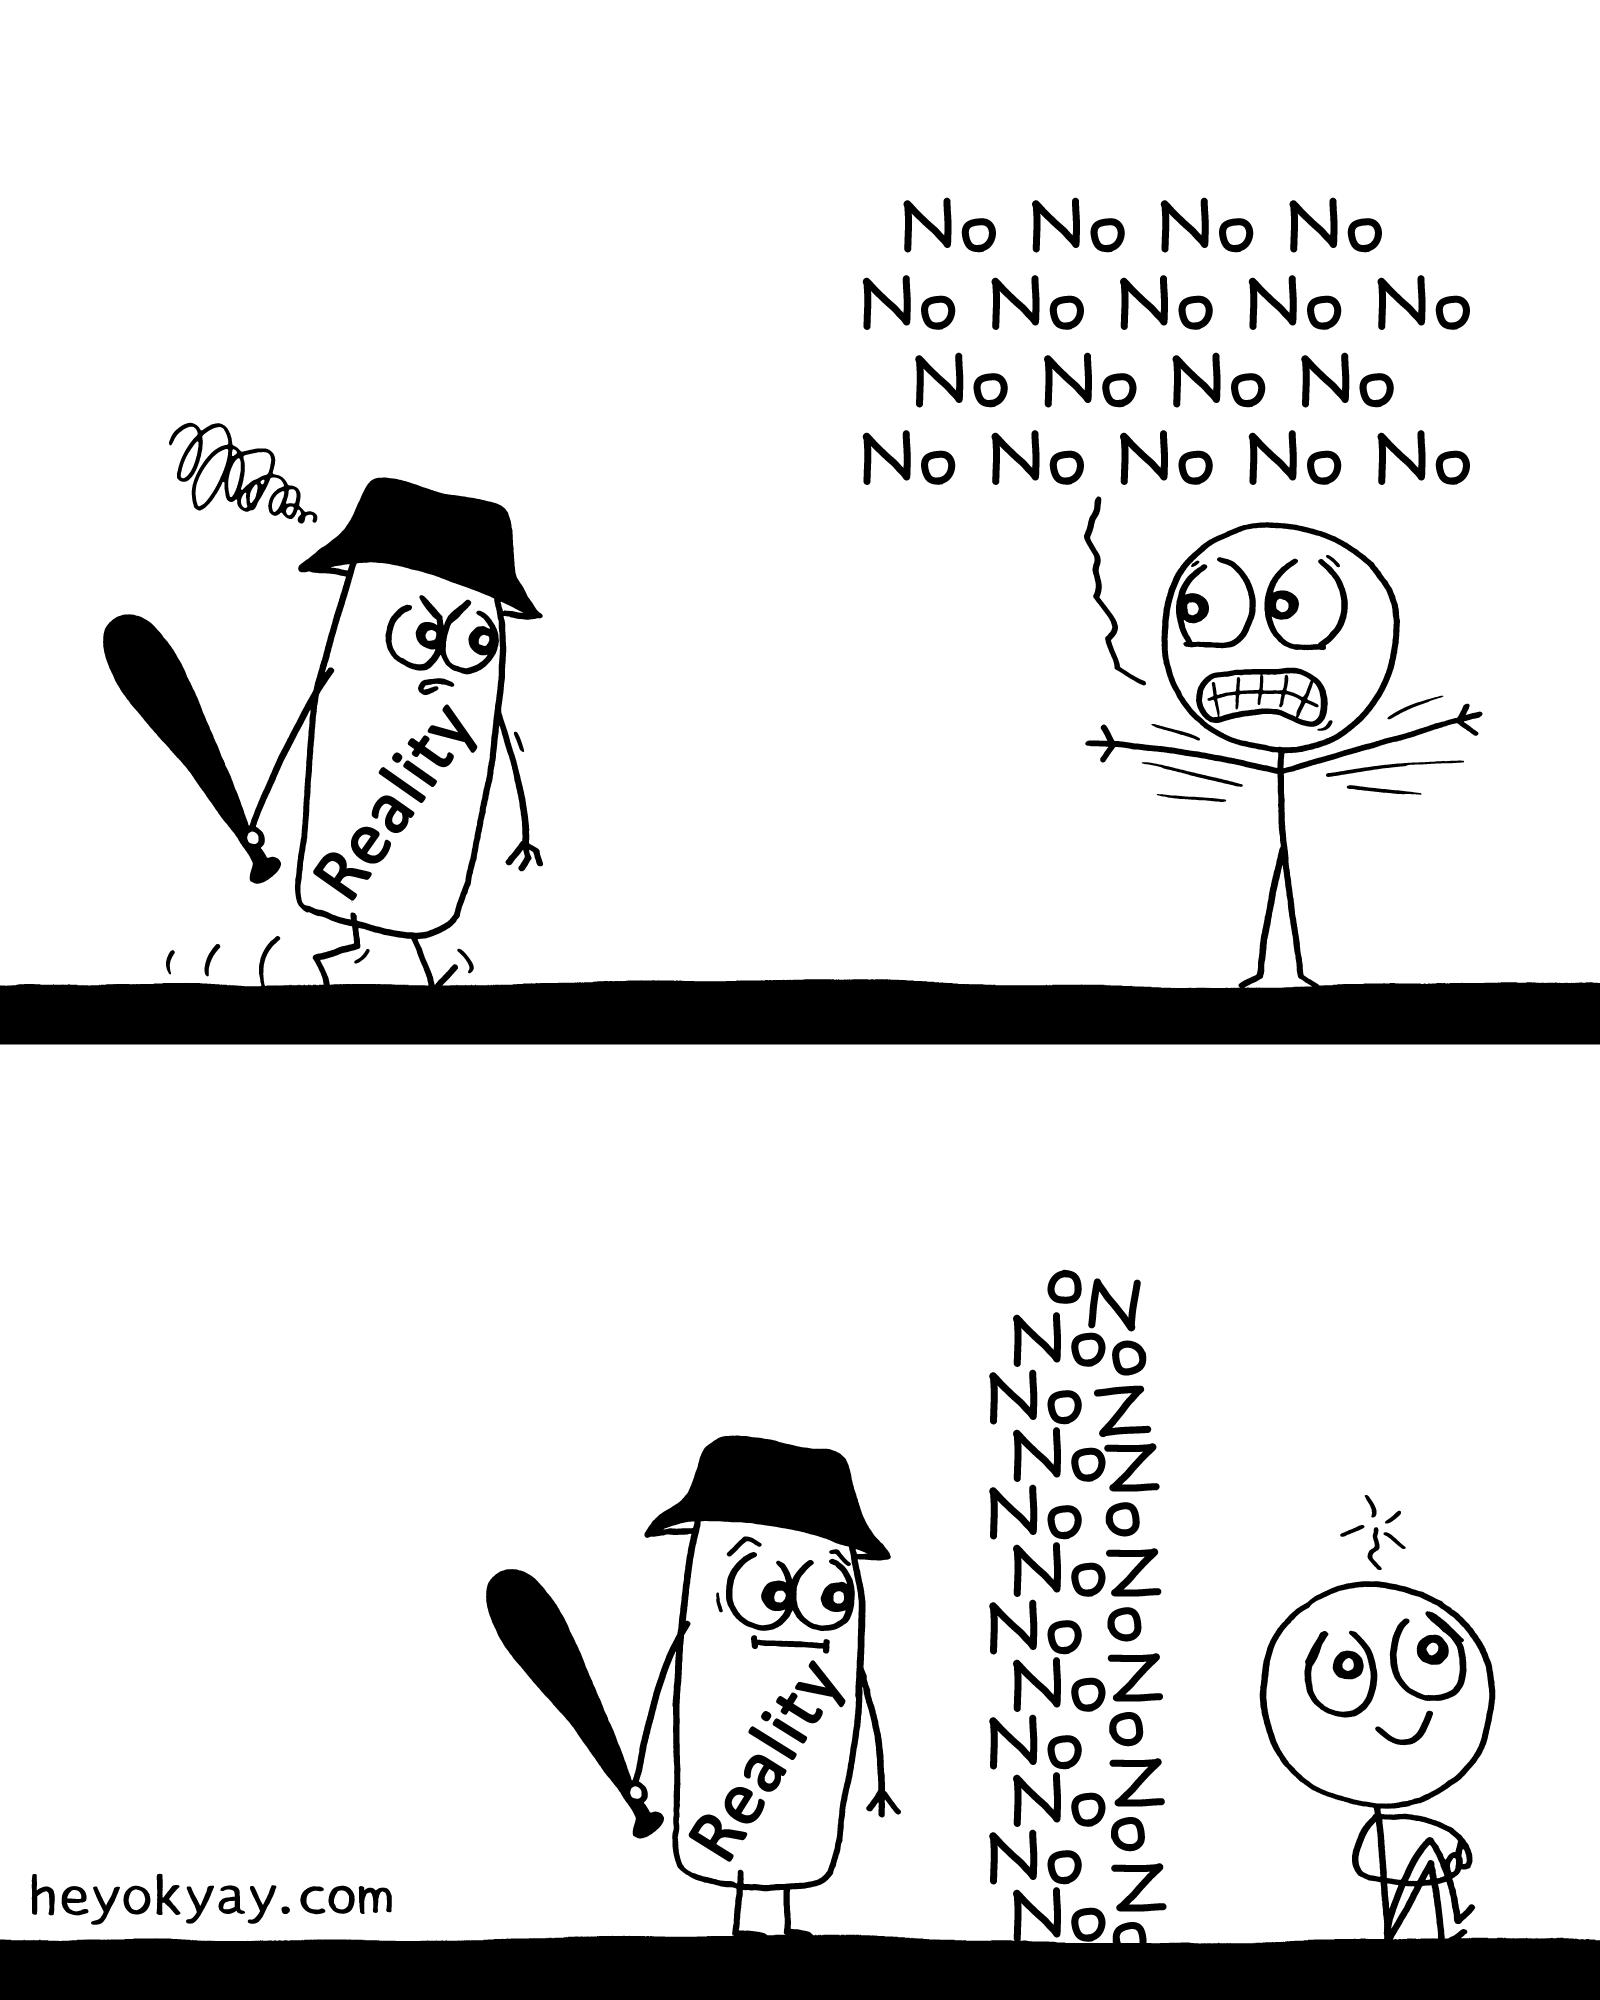 No | Hey ok yay?